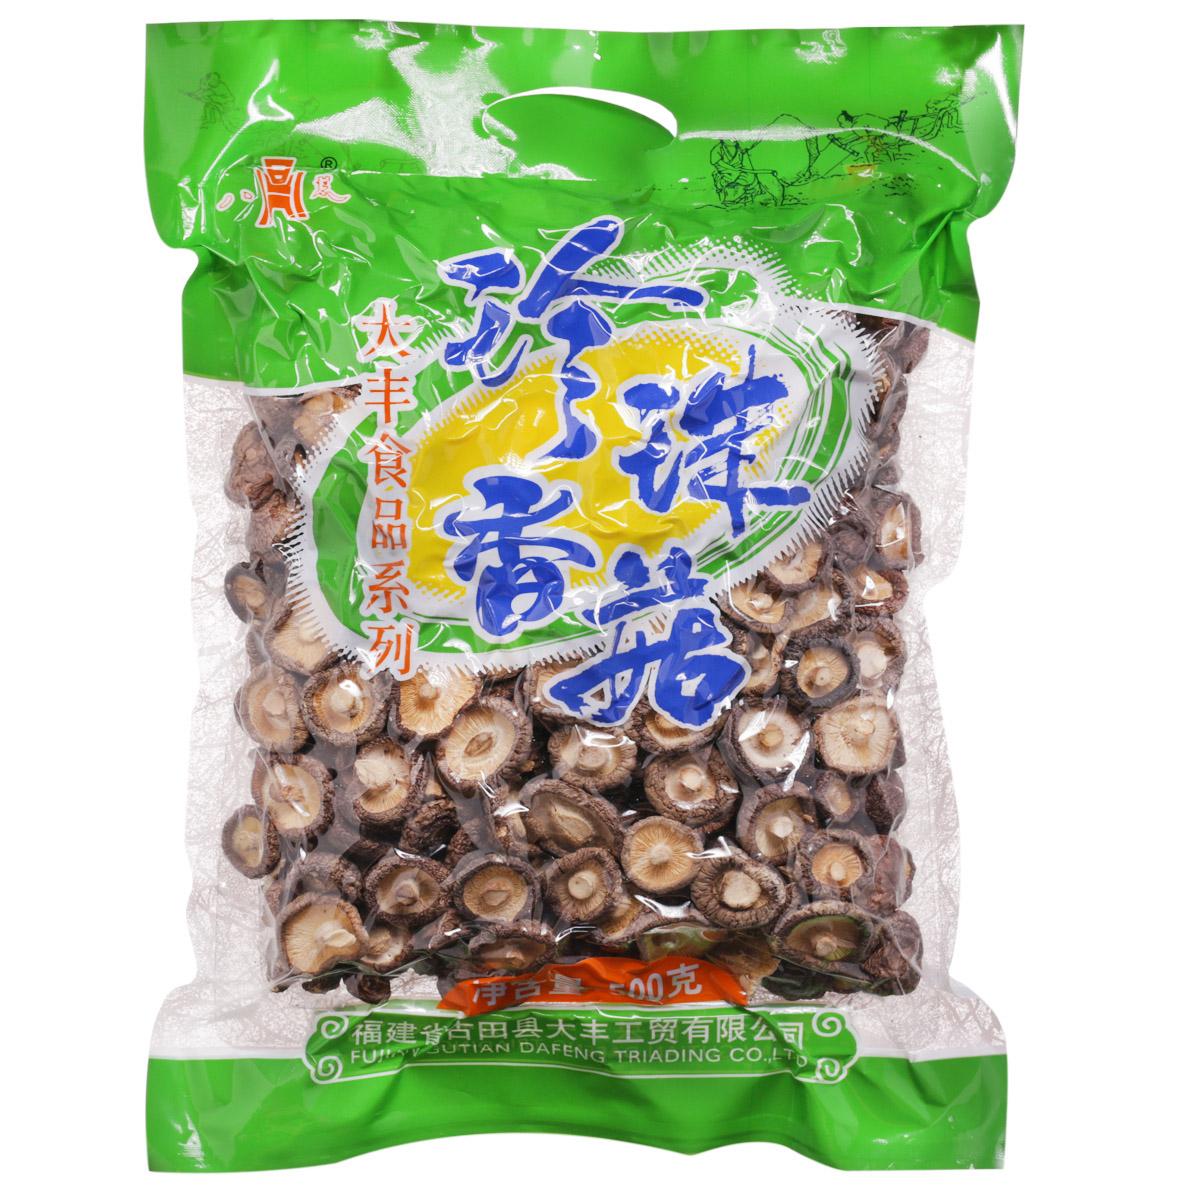 ~天貓超市~八荒香菇 500克 珍珠菇冬菇 小香菇 特級古田金錢菇